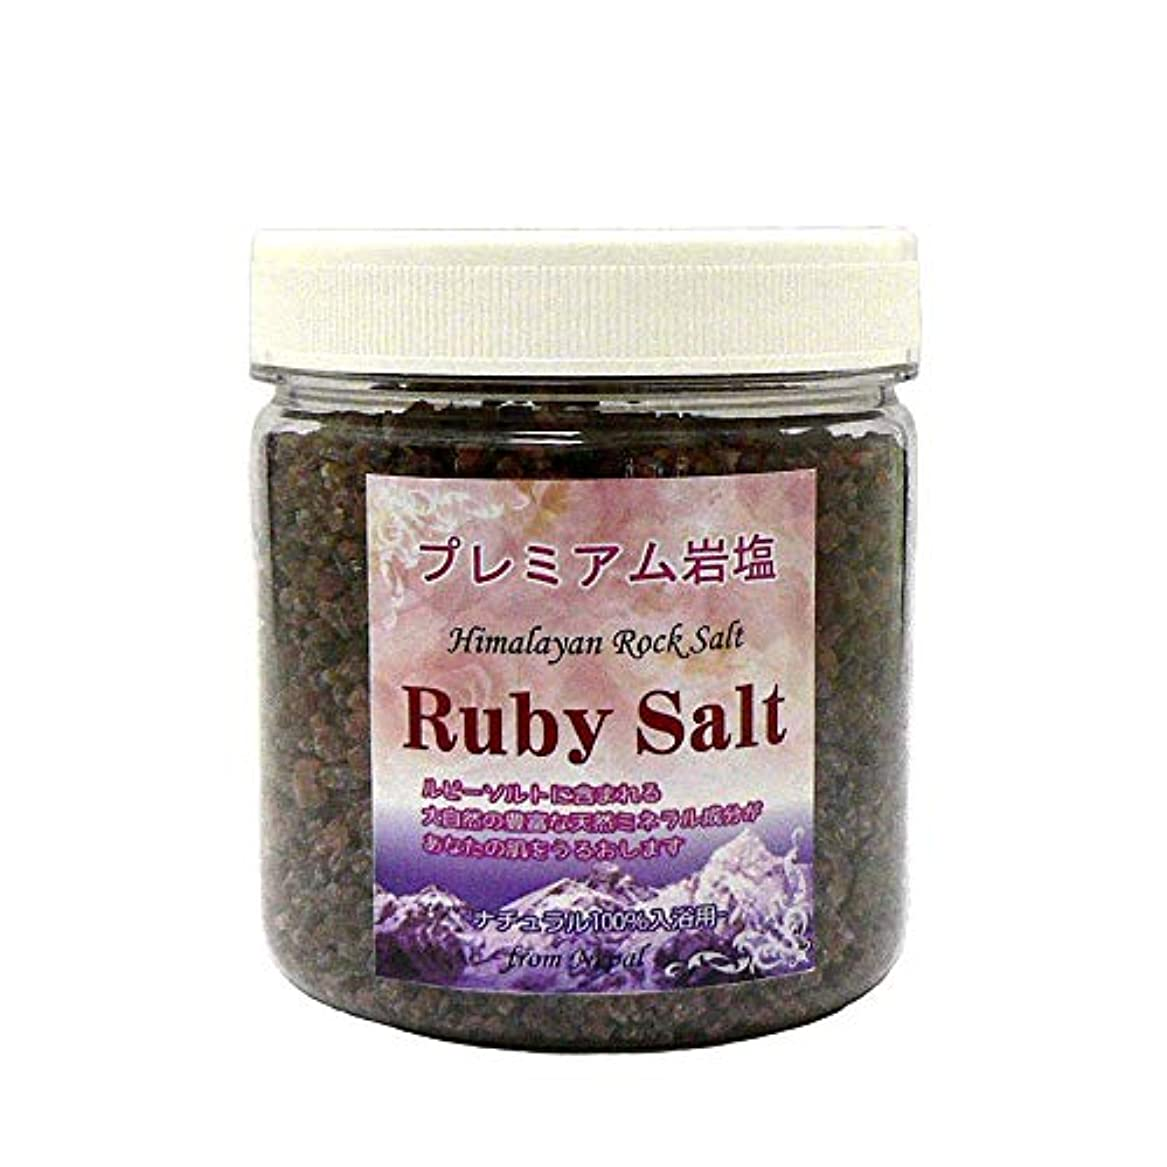 称賛草モットーヒマラヤ岩塩 プレミアム ルビーソルト バスソルト(微粒小粒)ネパール産 ルビー岩塩 (600g×2個セット)